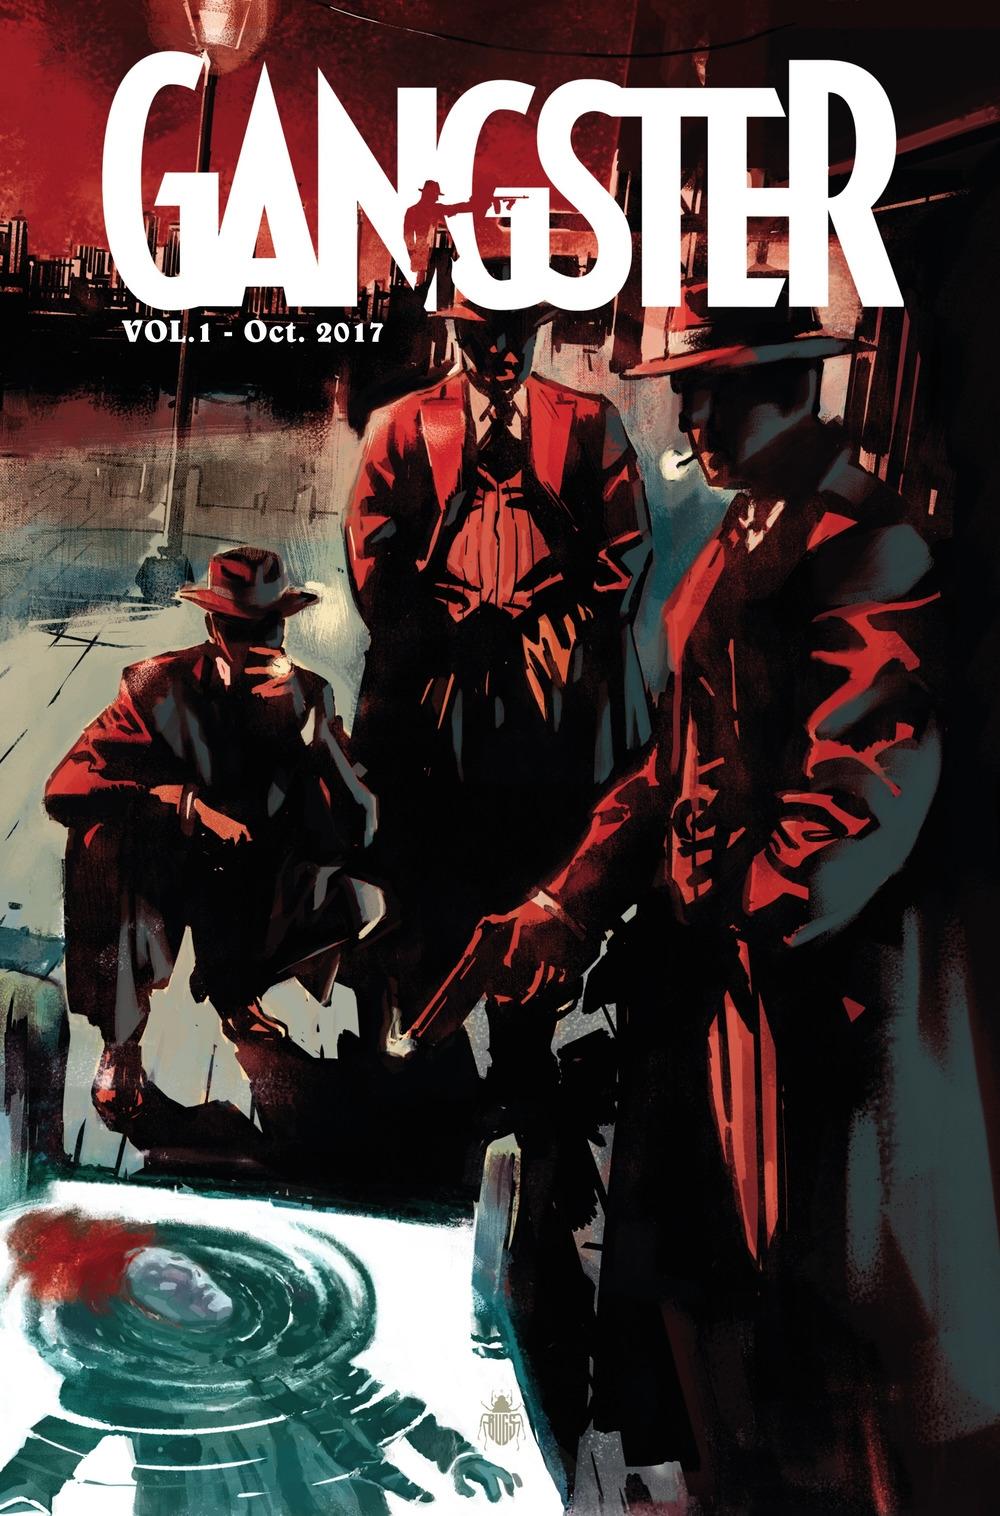 Gangster. Vol. 1 Oct. 2017